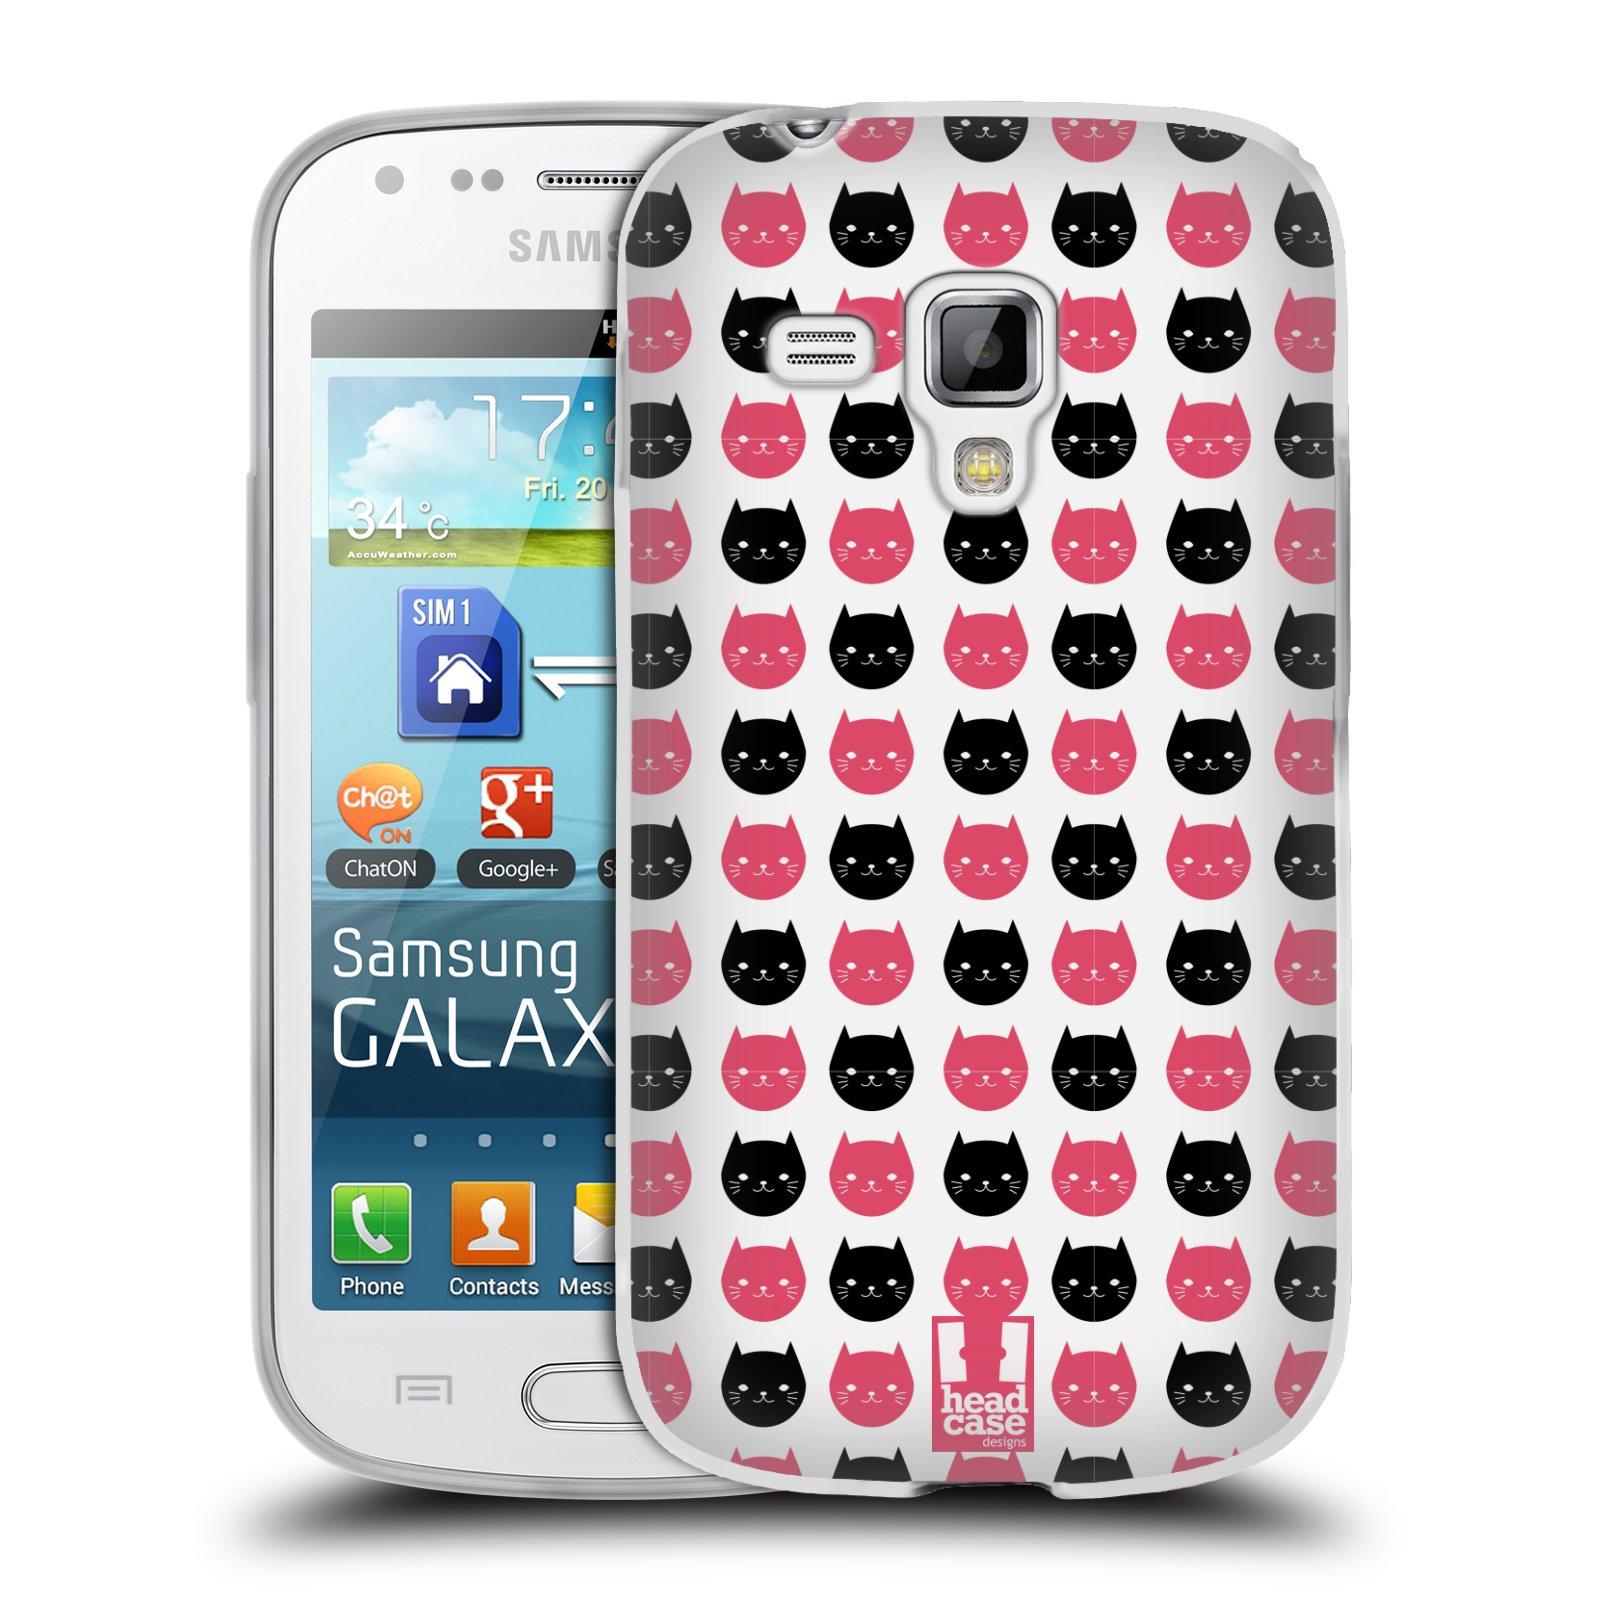 Silikonové pouzdro na mobil Samsung Galaxy S Duos HEAD CASE KOČKY Black and Pink (Silikonový kryt či obal na mobilní telefon Samsung Galaxy S Duos GT-S7562)